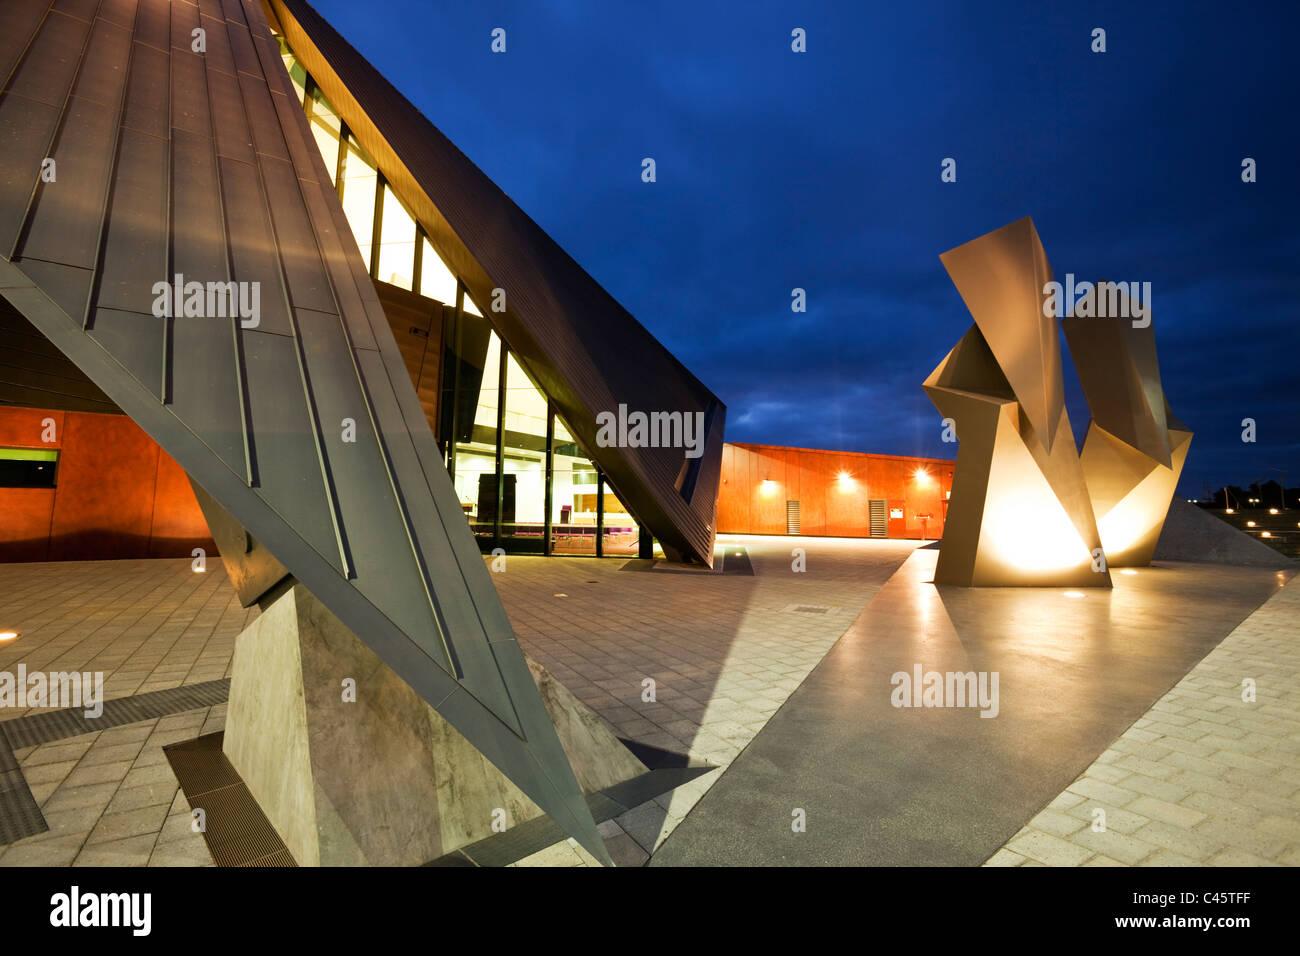 Die Albany-Entertainment-Center. Albany, Western Australia, Australien Stockbild